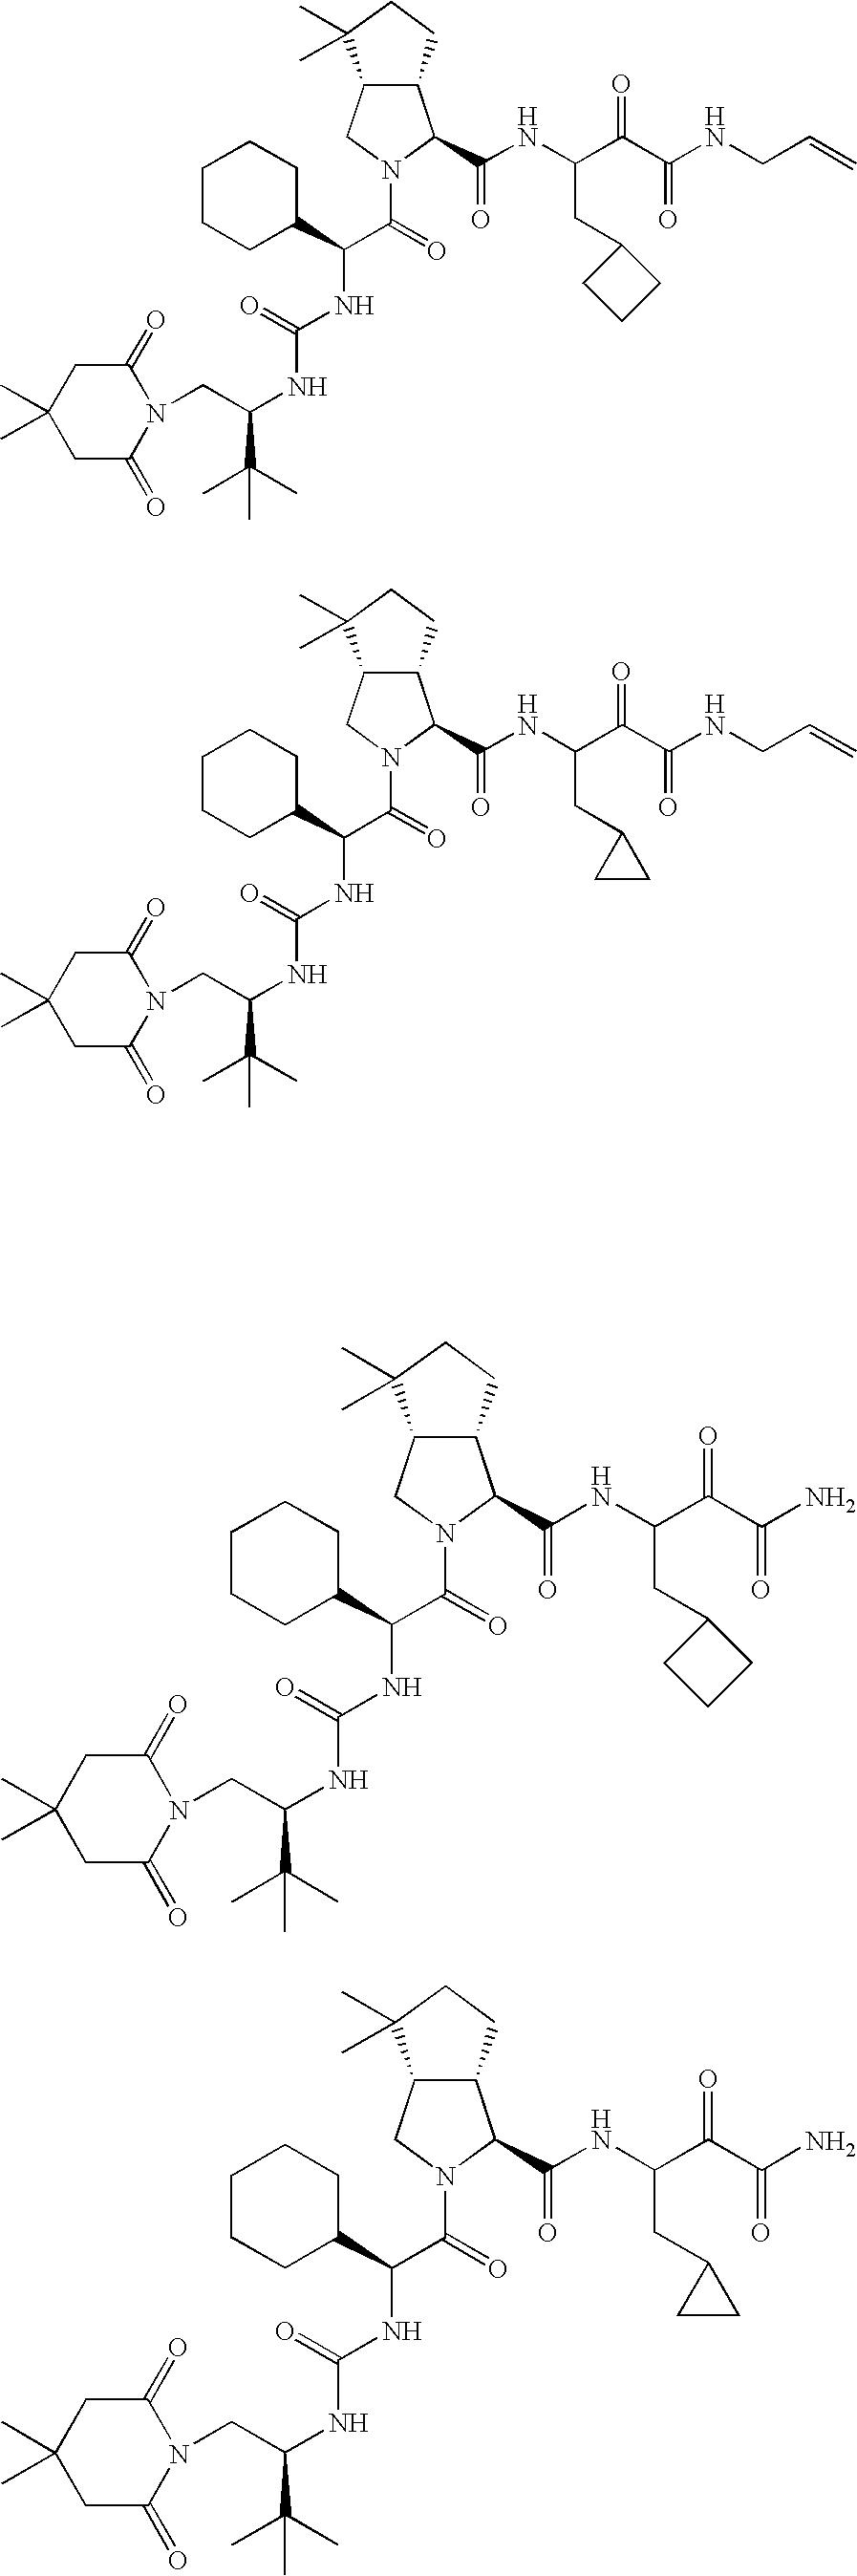 Figure US20060287248A1-20061221-C00530